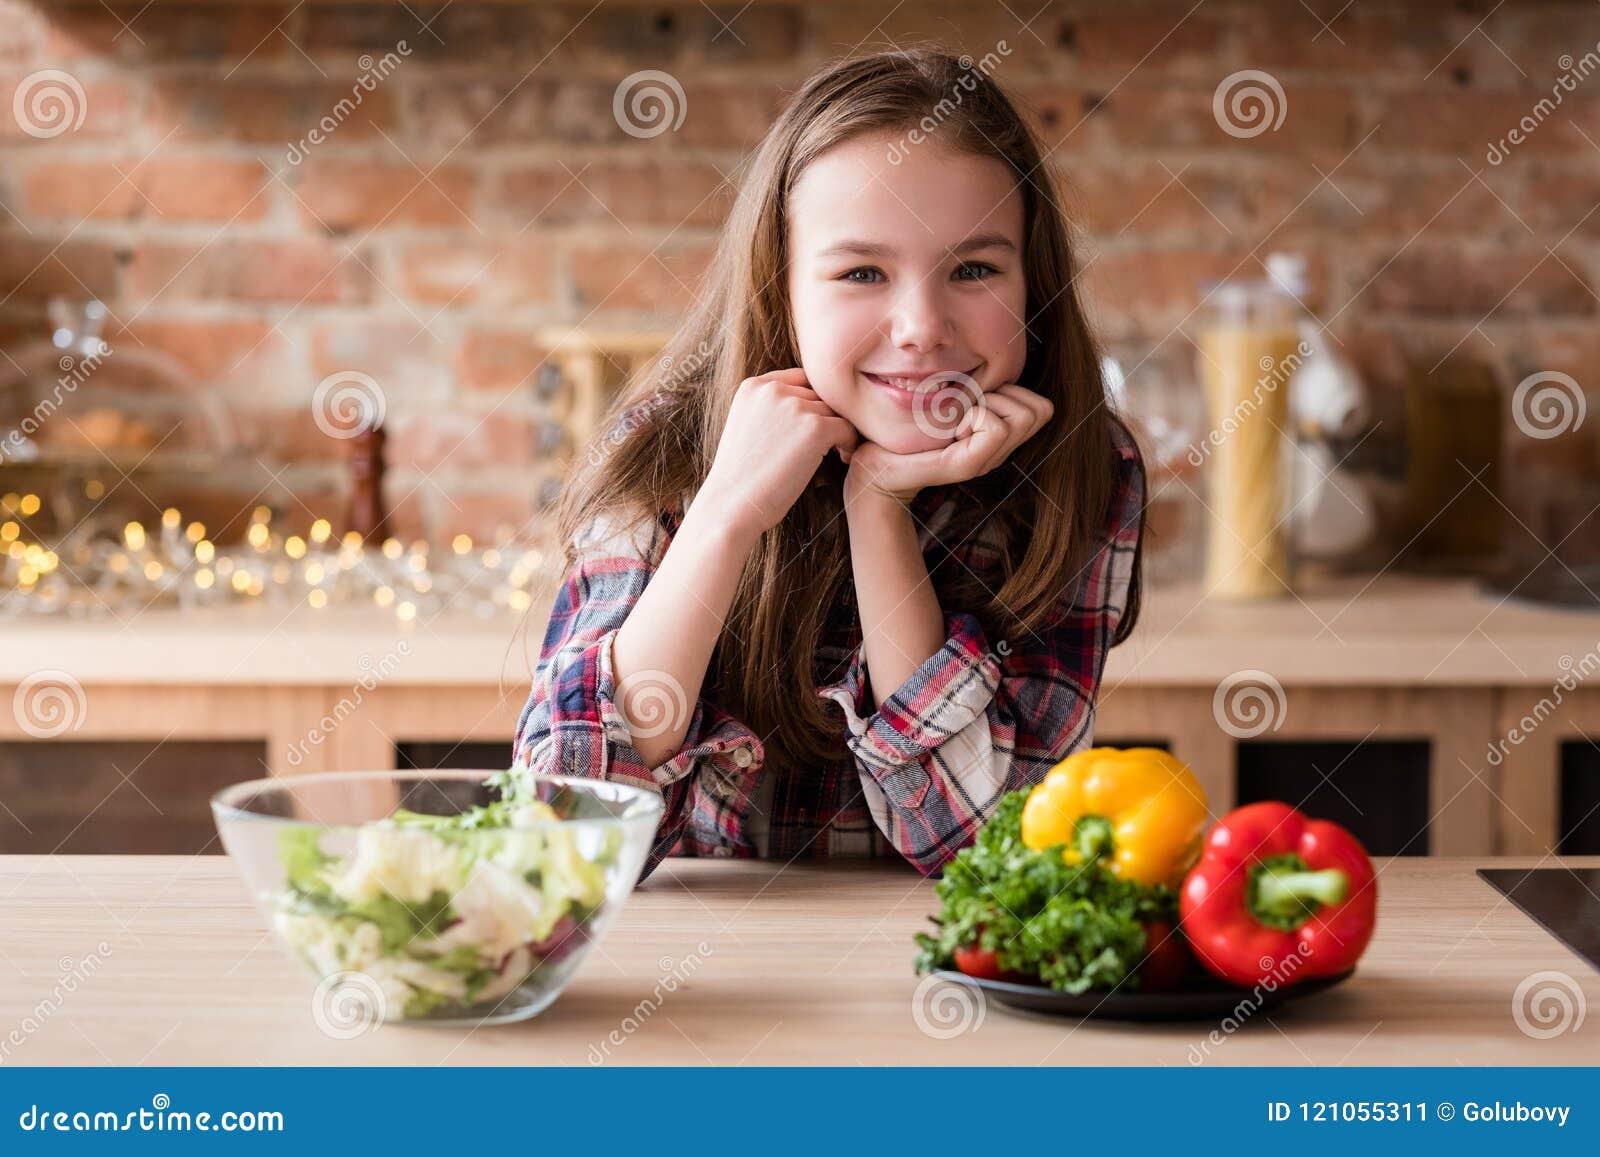 Χαμόγελου θρεπτική διατροφή γεύματος σαλάτας κοριτσιών χορτοφάγος